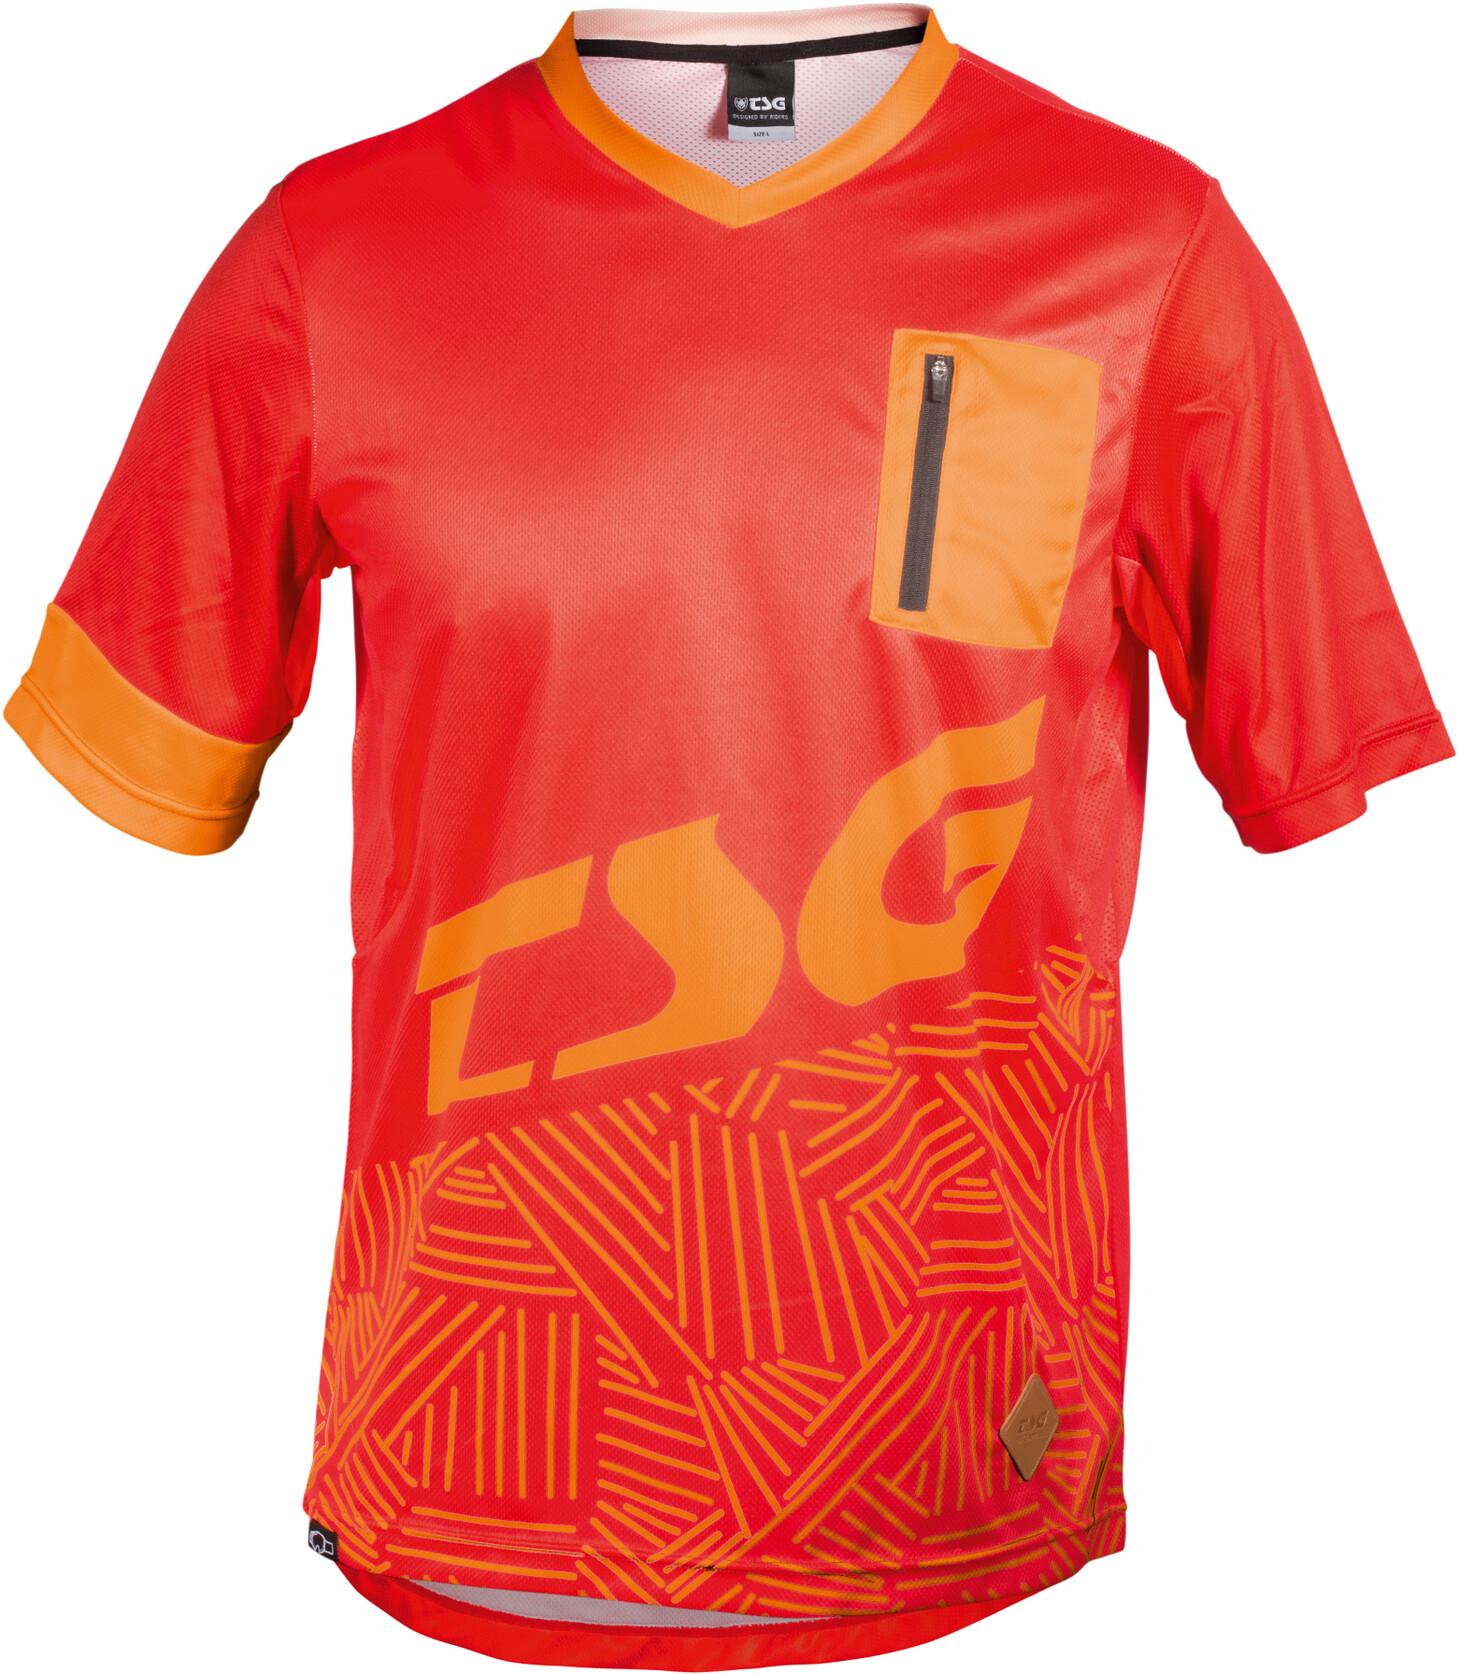 TSG SP3 Cykeltrøje Herrer, red-acid orange | Trøjer